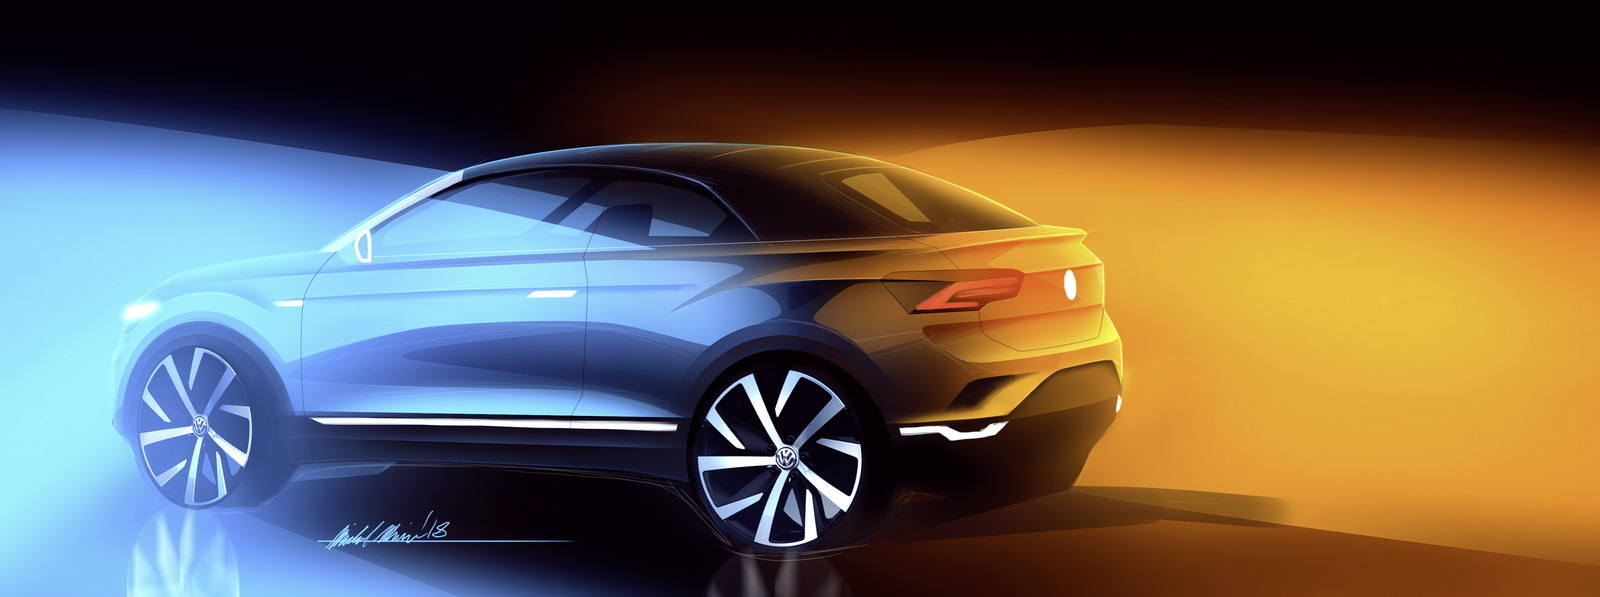 Volkswagen выпустит очень необычный кроссовер 1